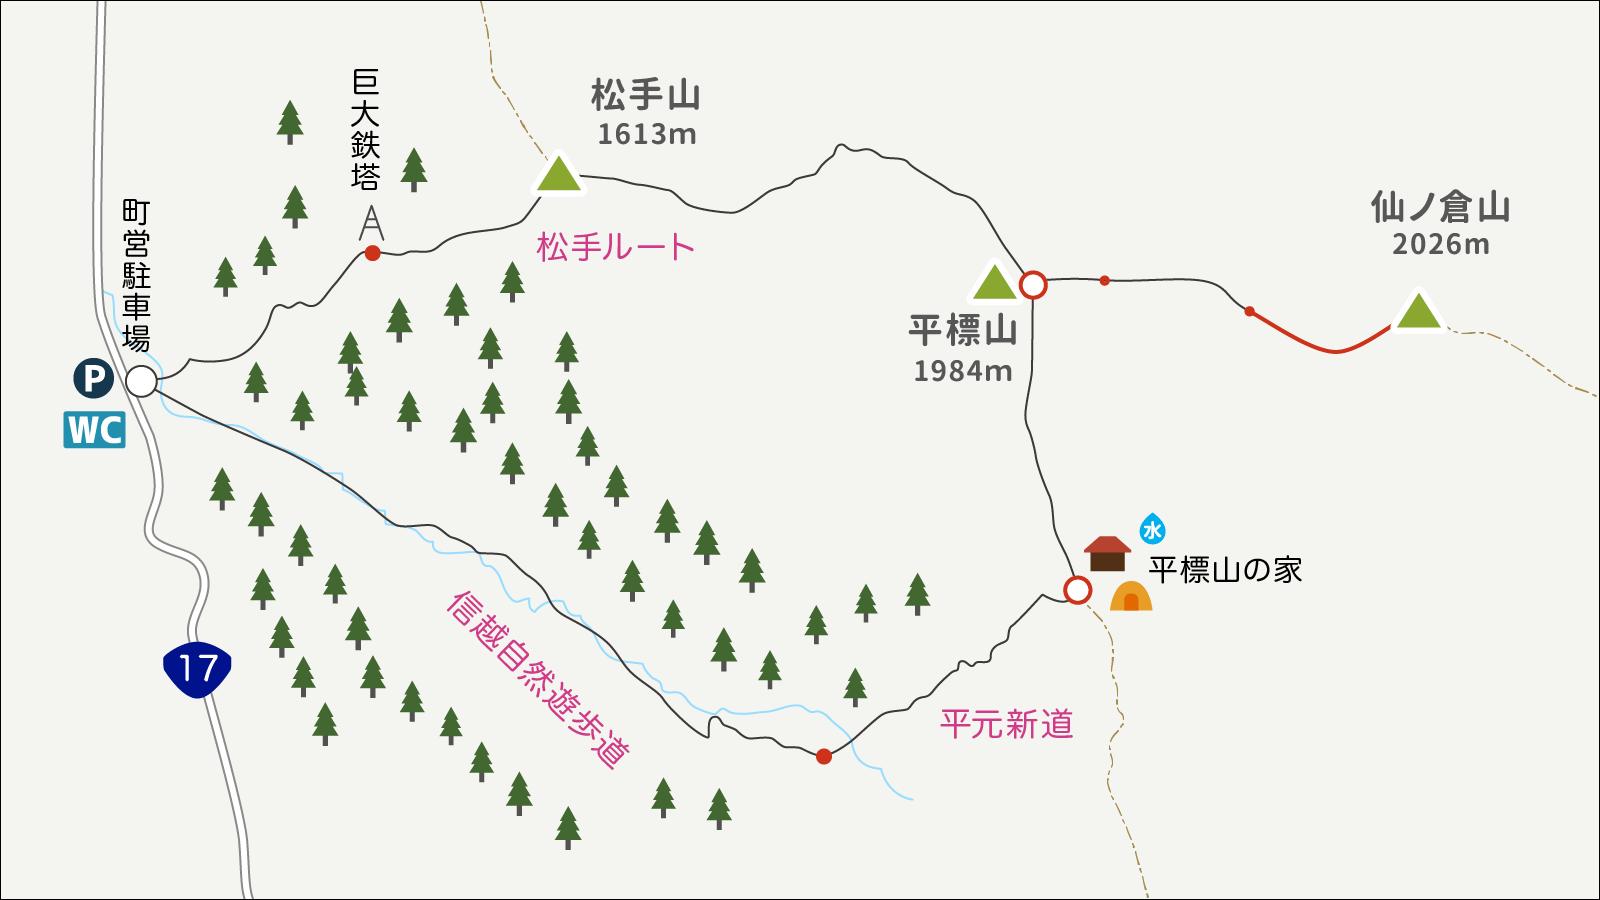 平標山から仙ノ倉山までのイラストマップ3